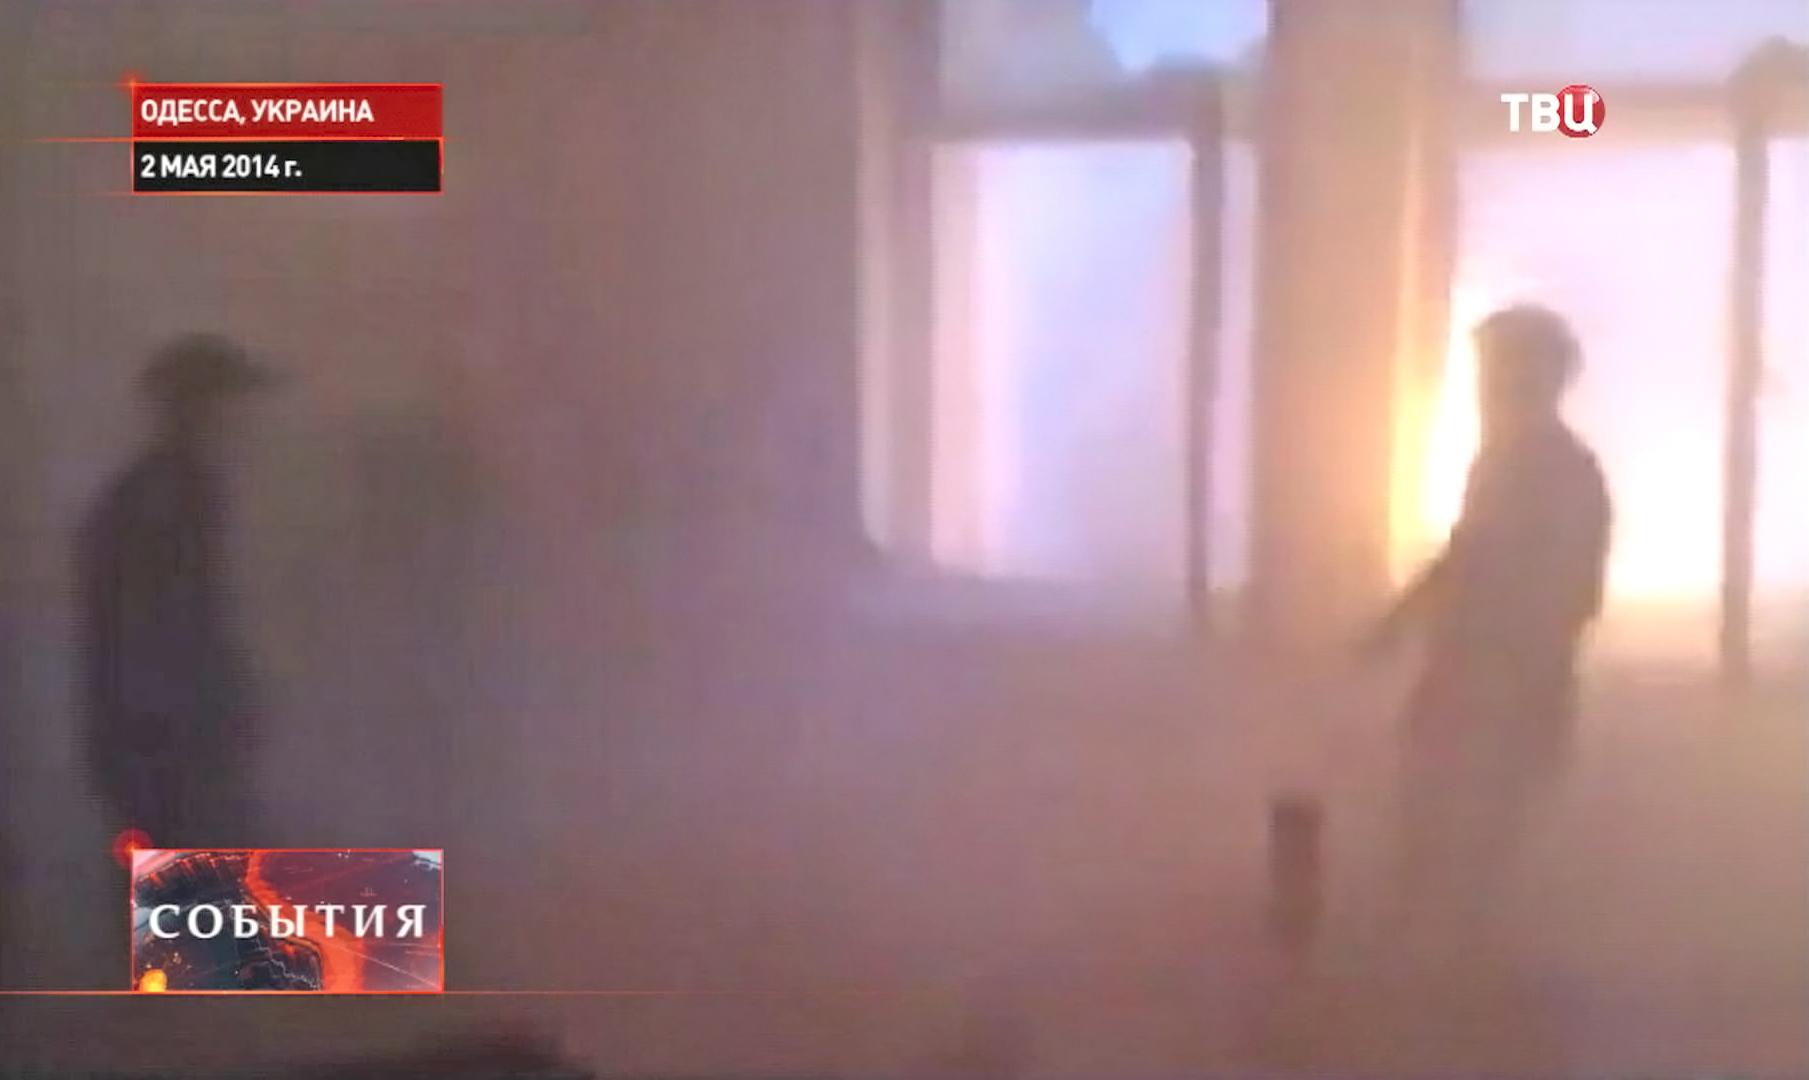 В Интернете появляются новые свидетельства событий в Одессе